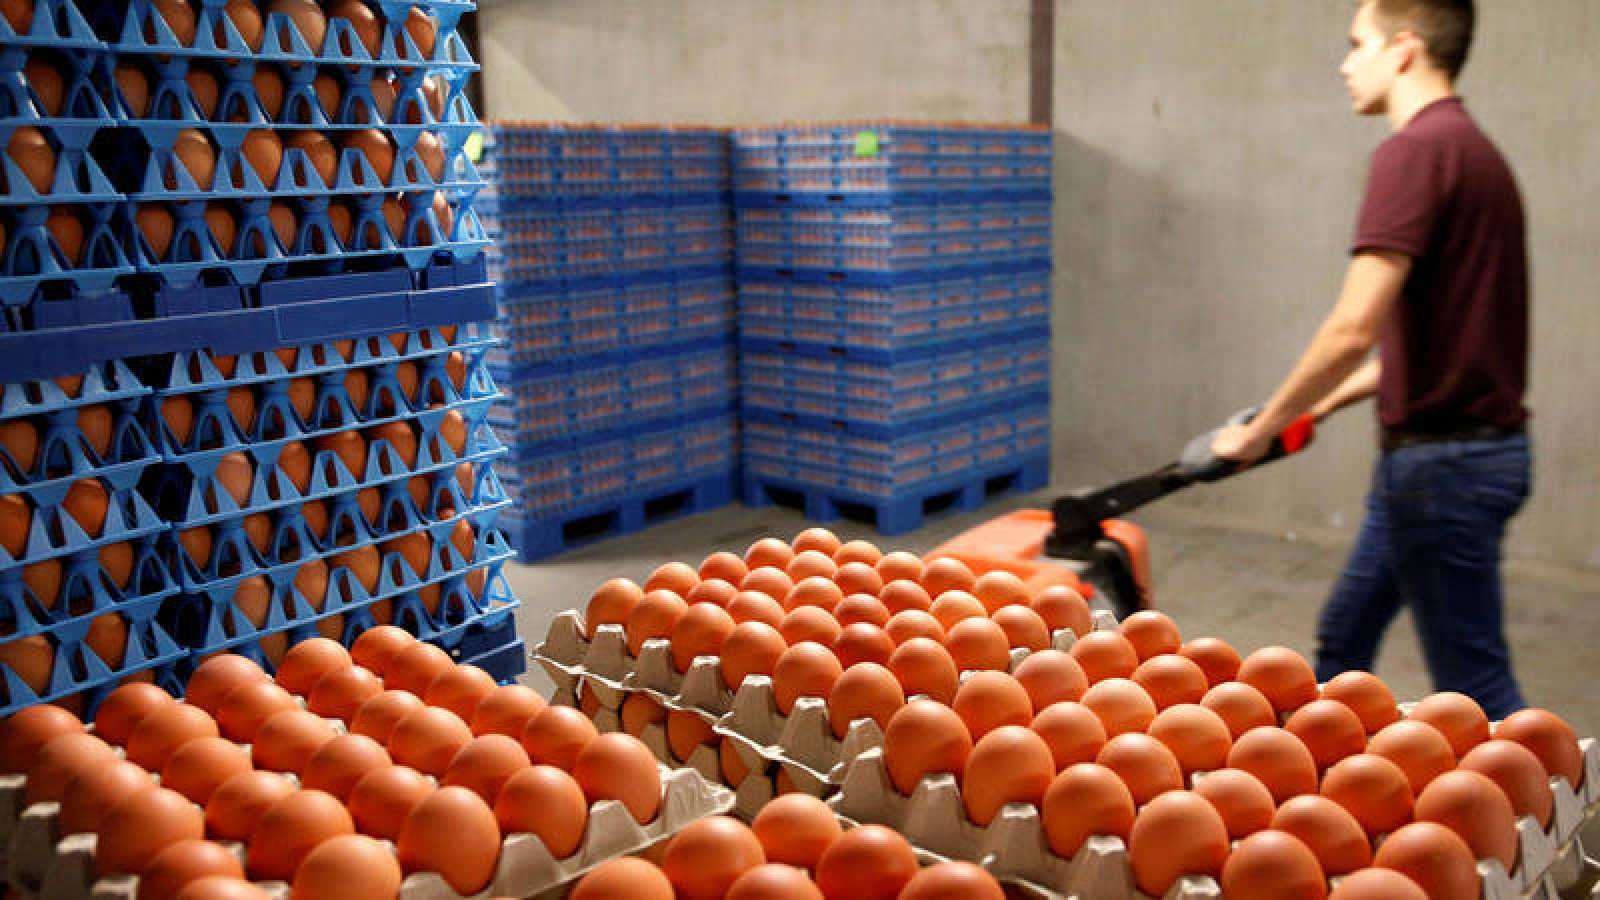 Huevos en una granja en Wotel, Bélgica.